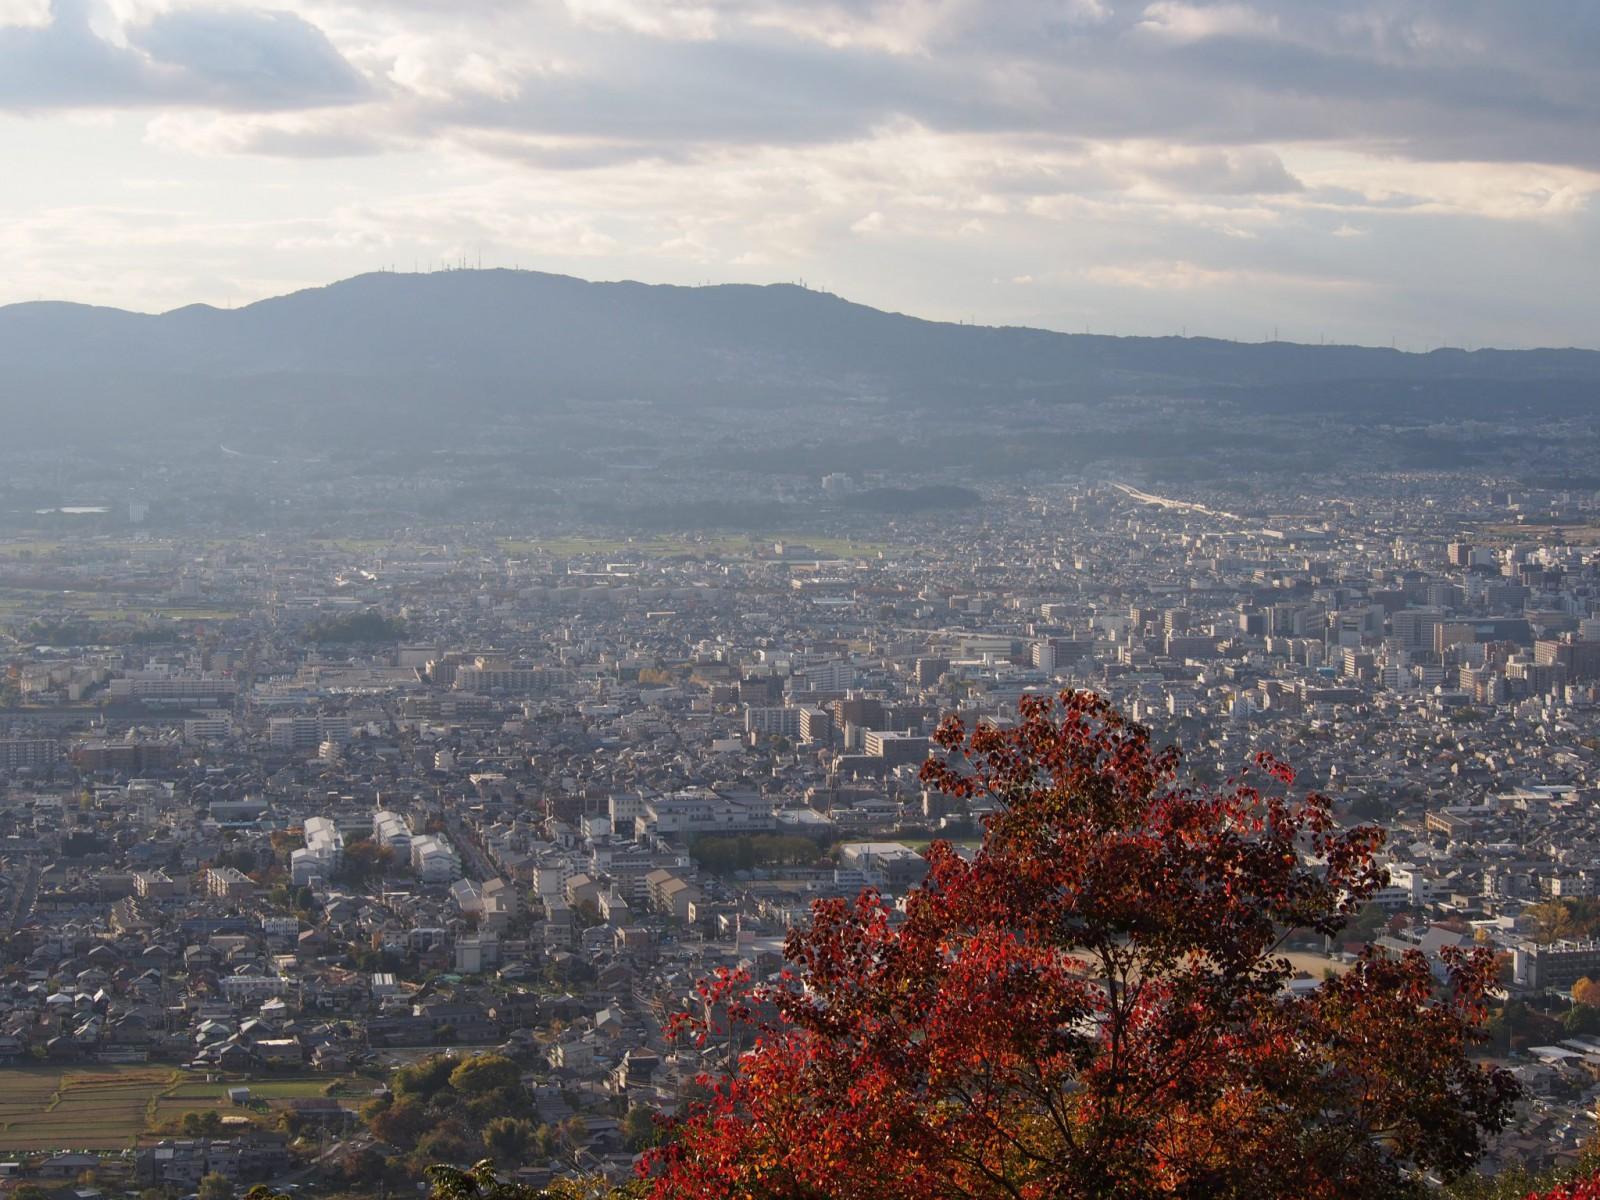 高円山大文字火床から奈良市街地を一望